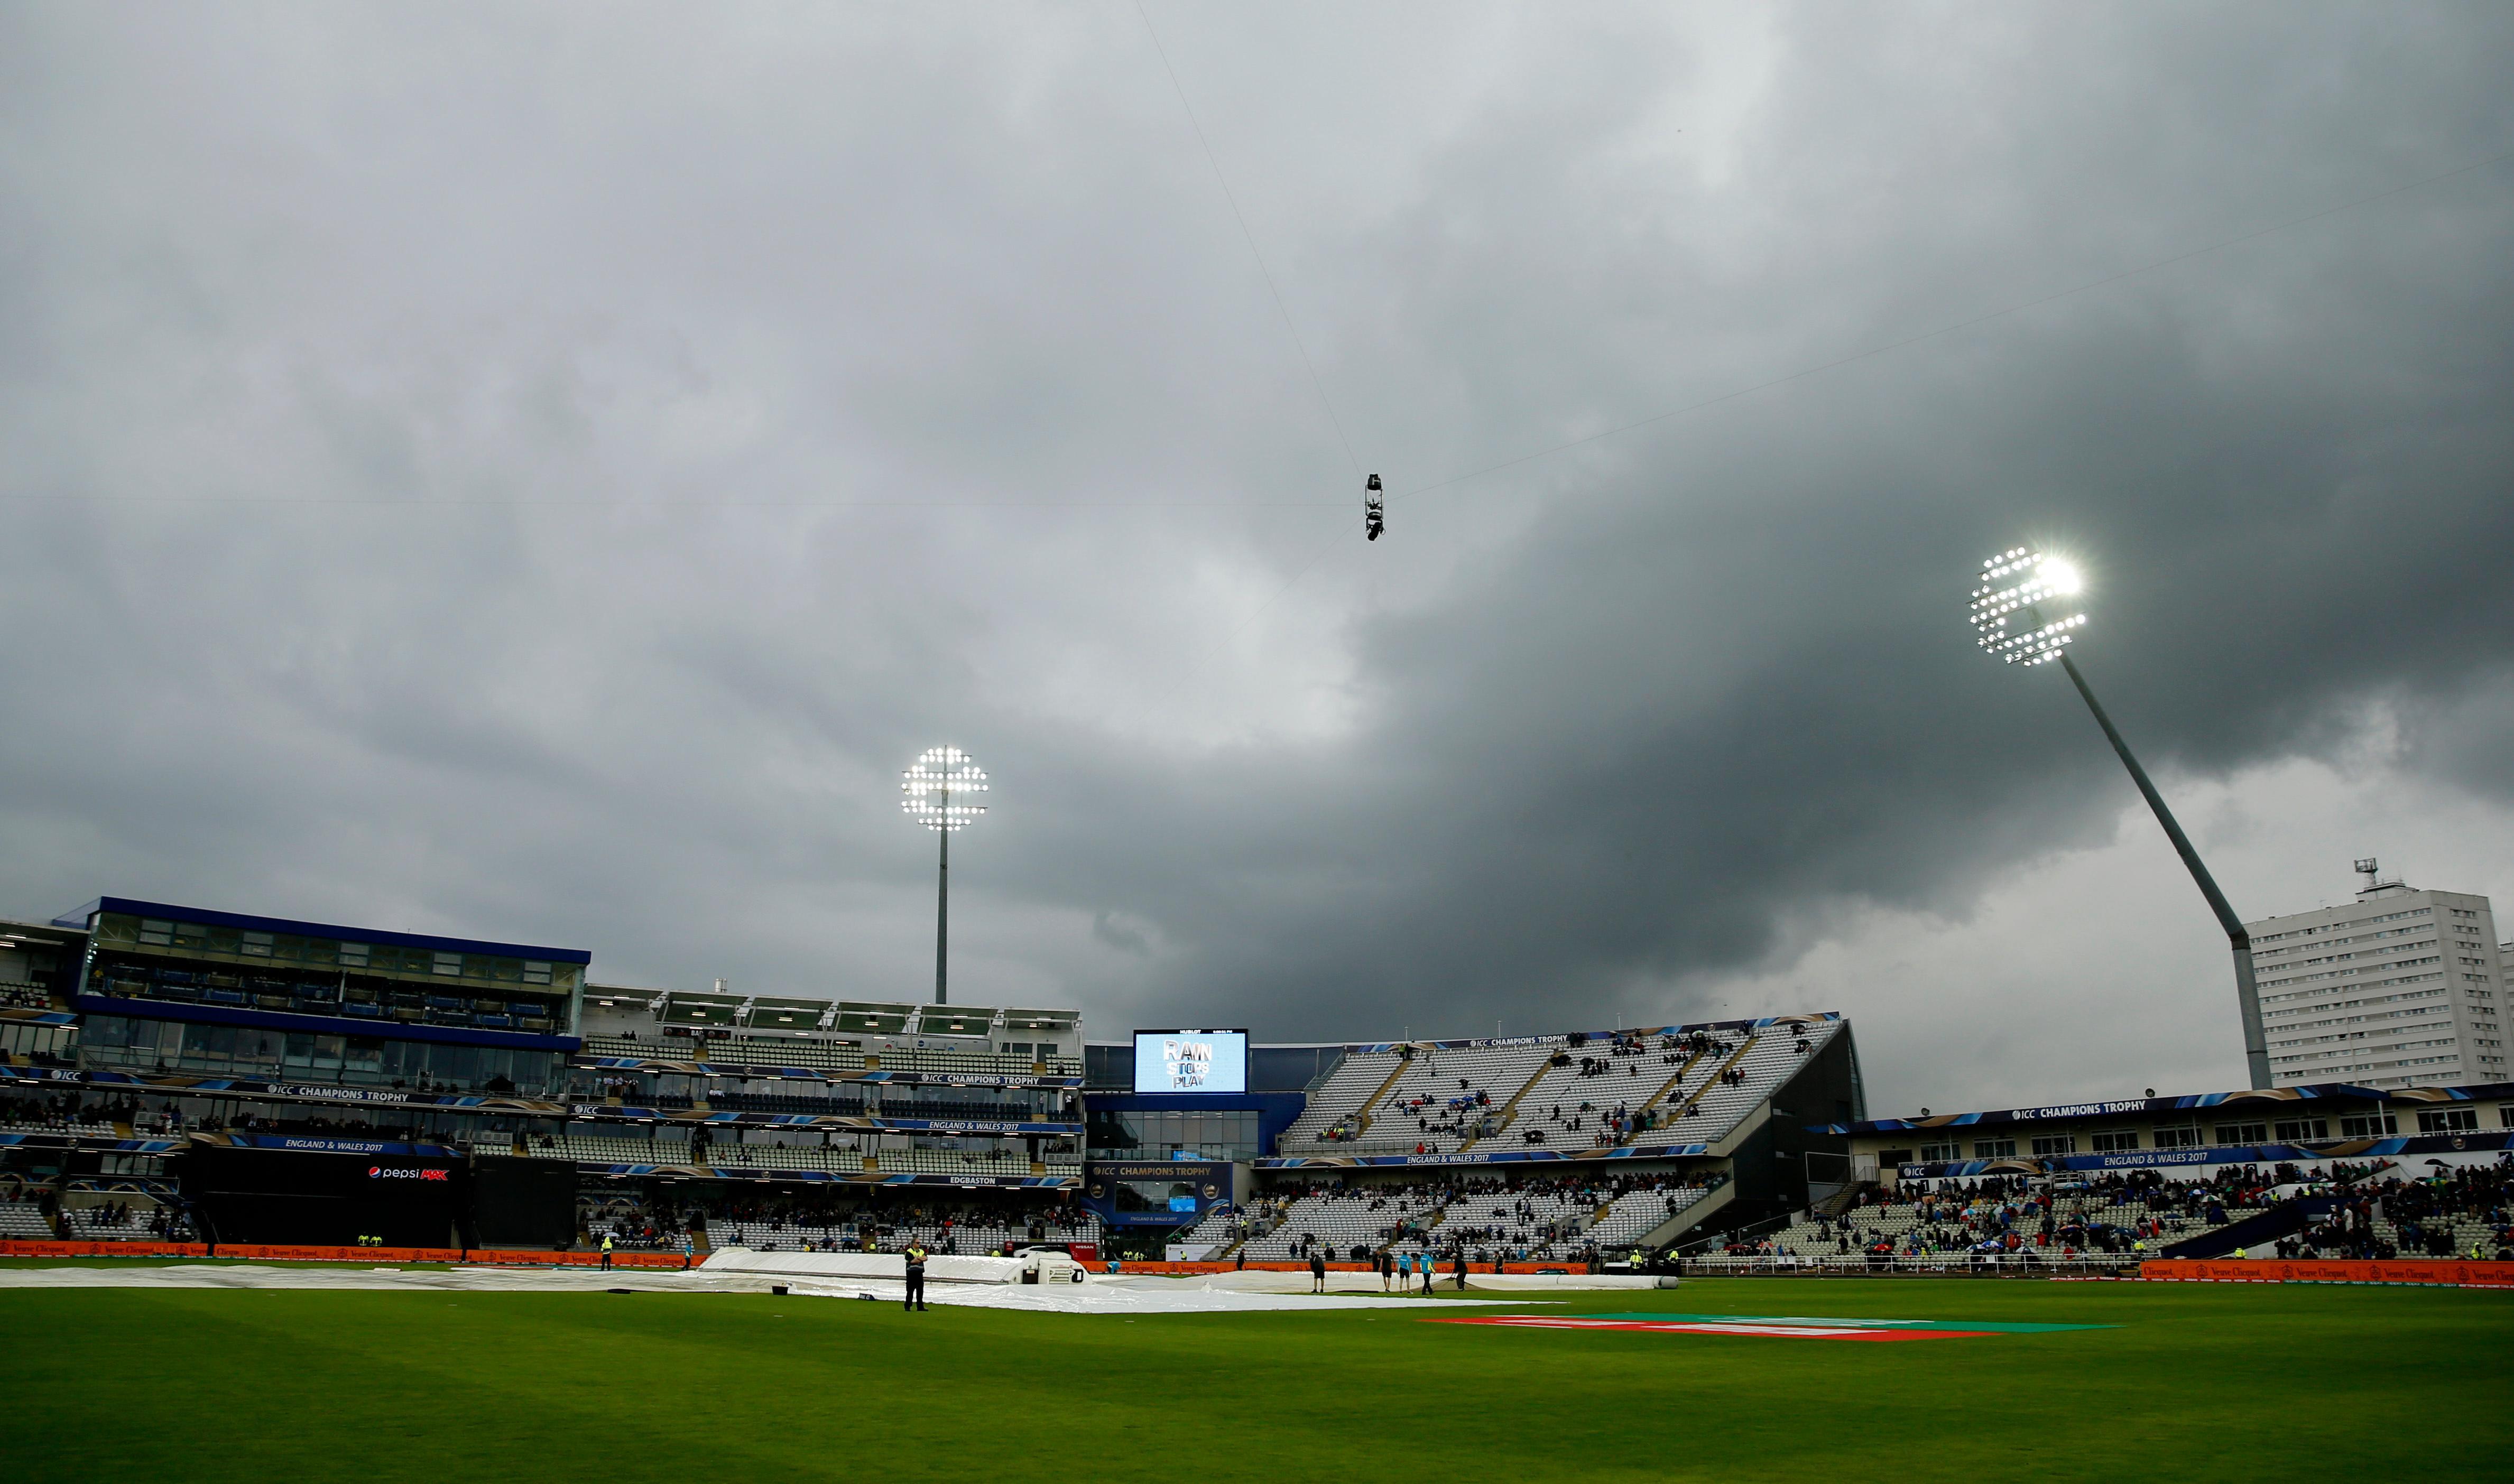 Edgbaston Rain ruins Aus-NZ match Edgbaston, Cricket